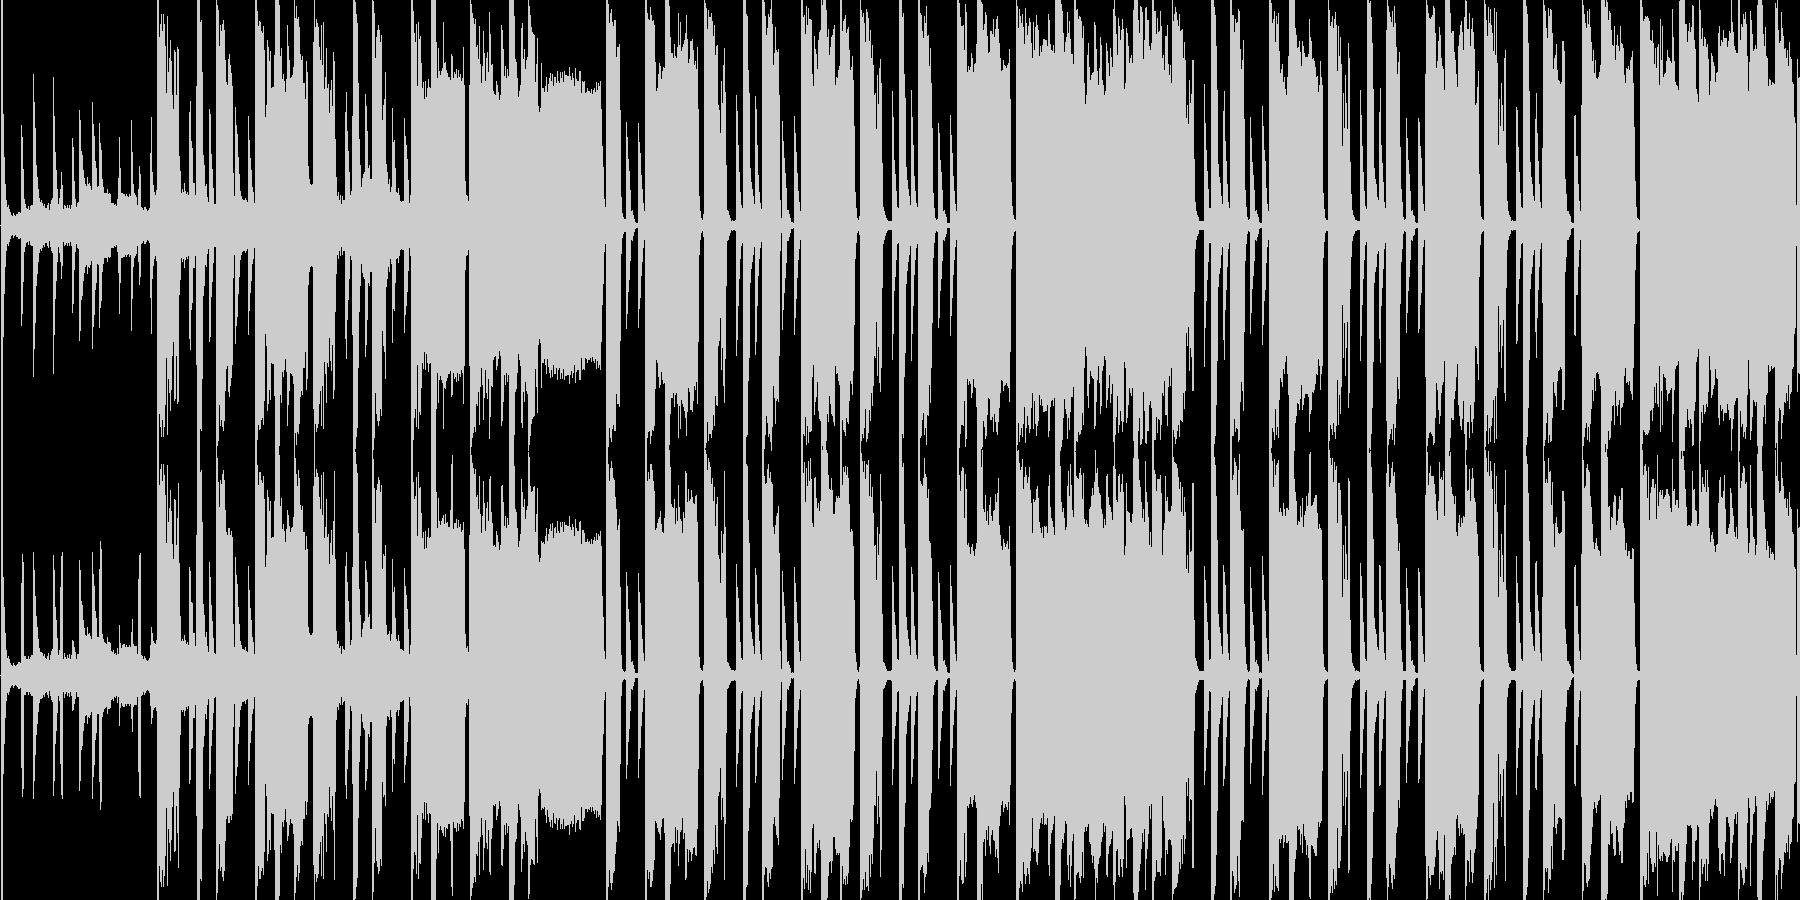 おしゃれな感じのヒップホップの未再生の波形